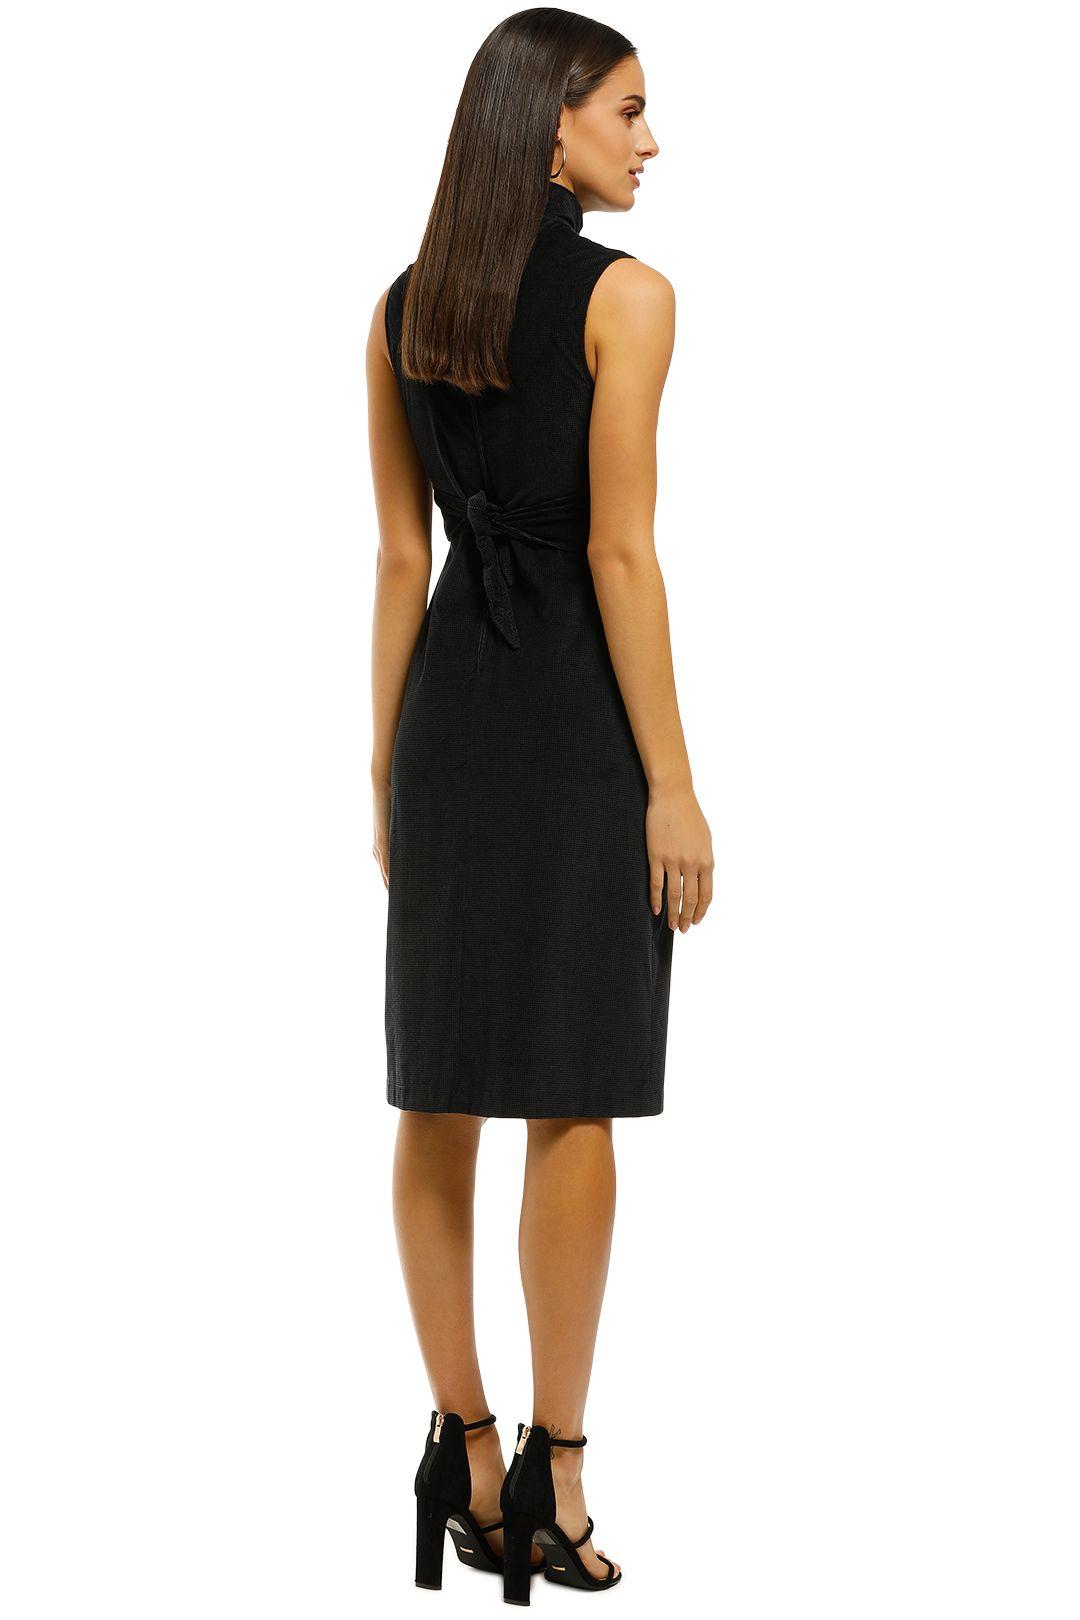 Scanlan-Theodore-Hounstooth-Velvet-Pencil-Dress-Black-Back